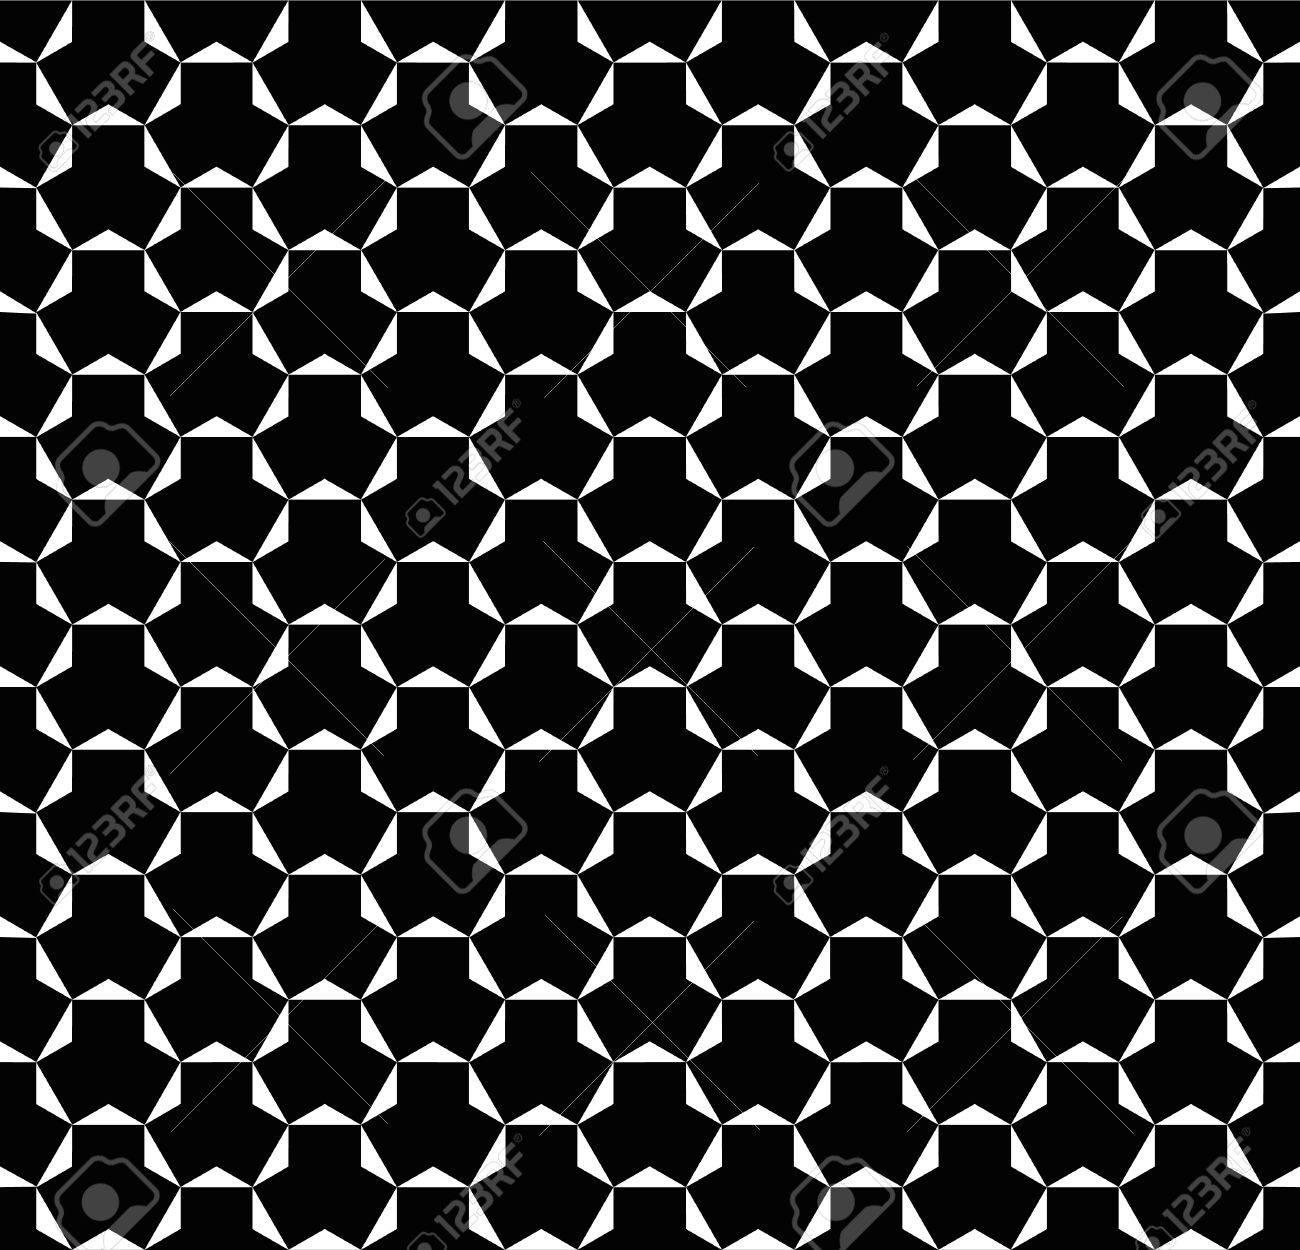 シームレスな幾何学模様のテクスチャー壁紙のイラスト素材 ベクタ